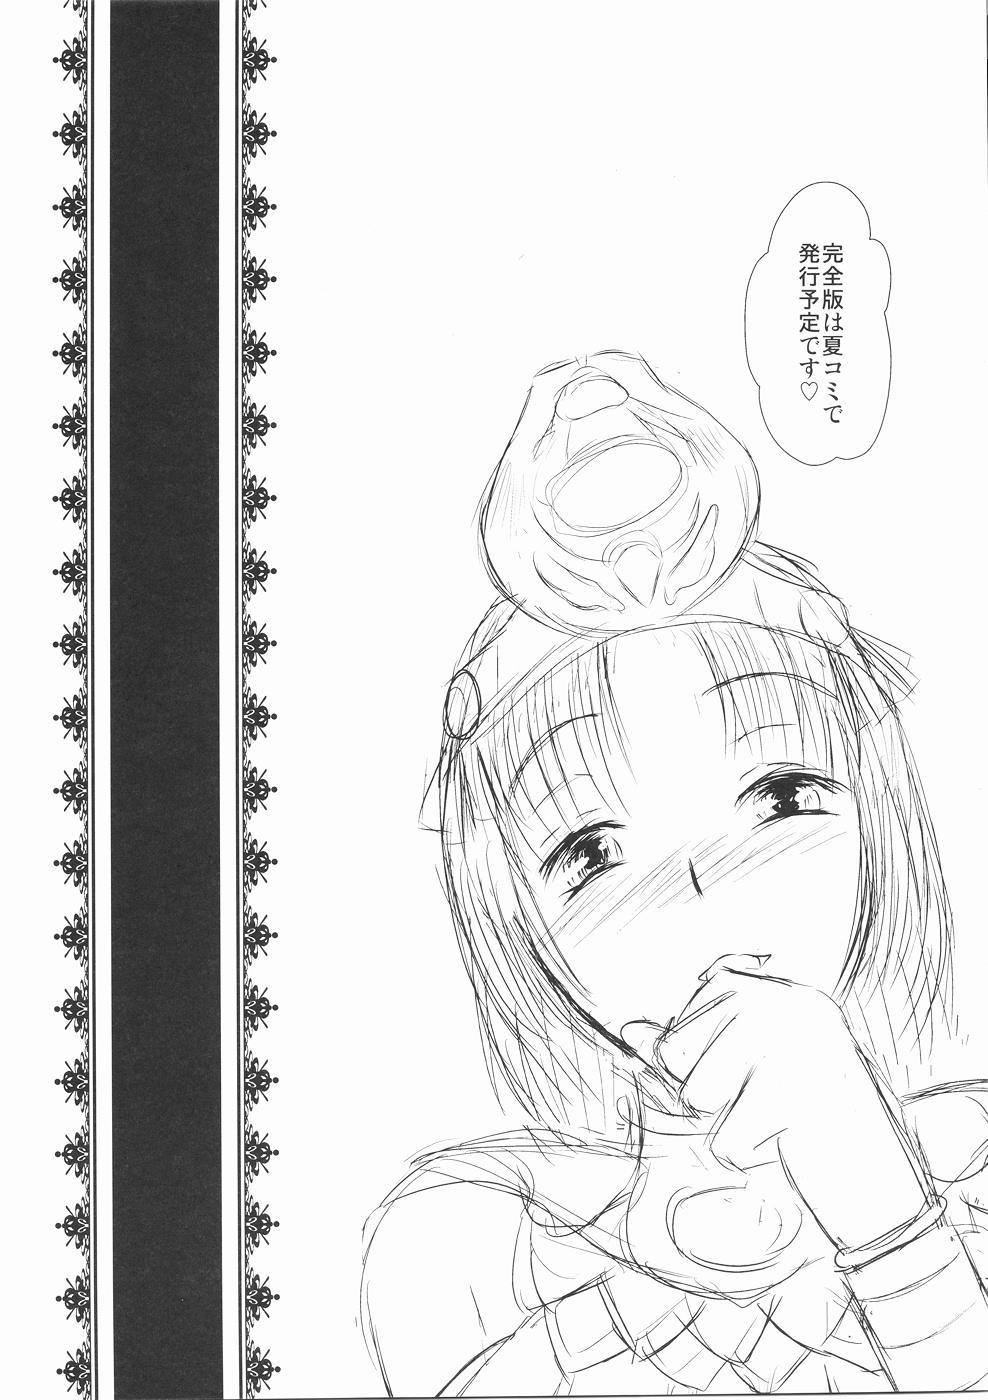 Shiryou Maid wa Kodai Oujo no Fella de Iku ka 16